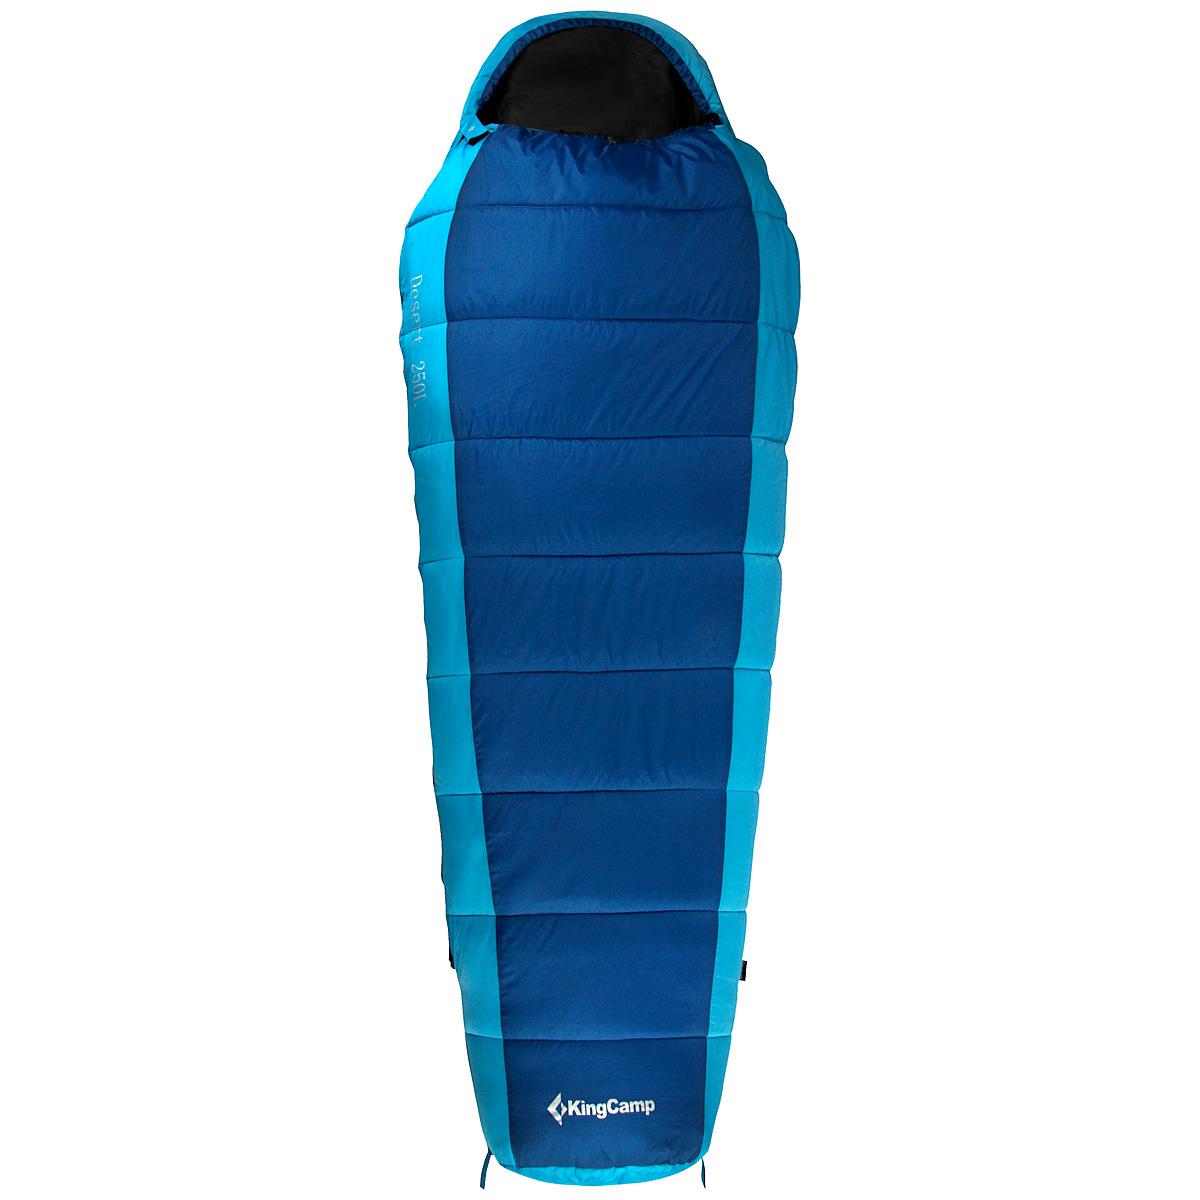 Спальный мешок-кокон KingCamp Desert 250L KS3185, левосторонняя молния, цвет: синий010-01199-23Спальник-кокон KingCamp Desert 250L - незаменимая вещь для любителей уюта и комфорта во время активного отдыха. Спальный мешок закрывается на двустороннюю застежку-молнию. Этот теплый спальный мешок спасет вас от холода во время туристического похода, поездки на рыбалку.Спальный мешок упакован в удобный нейлоновый чехол для переноски.